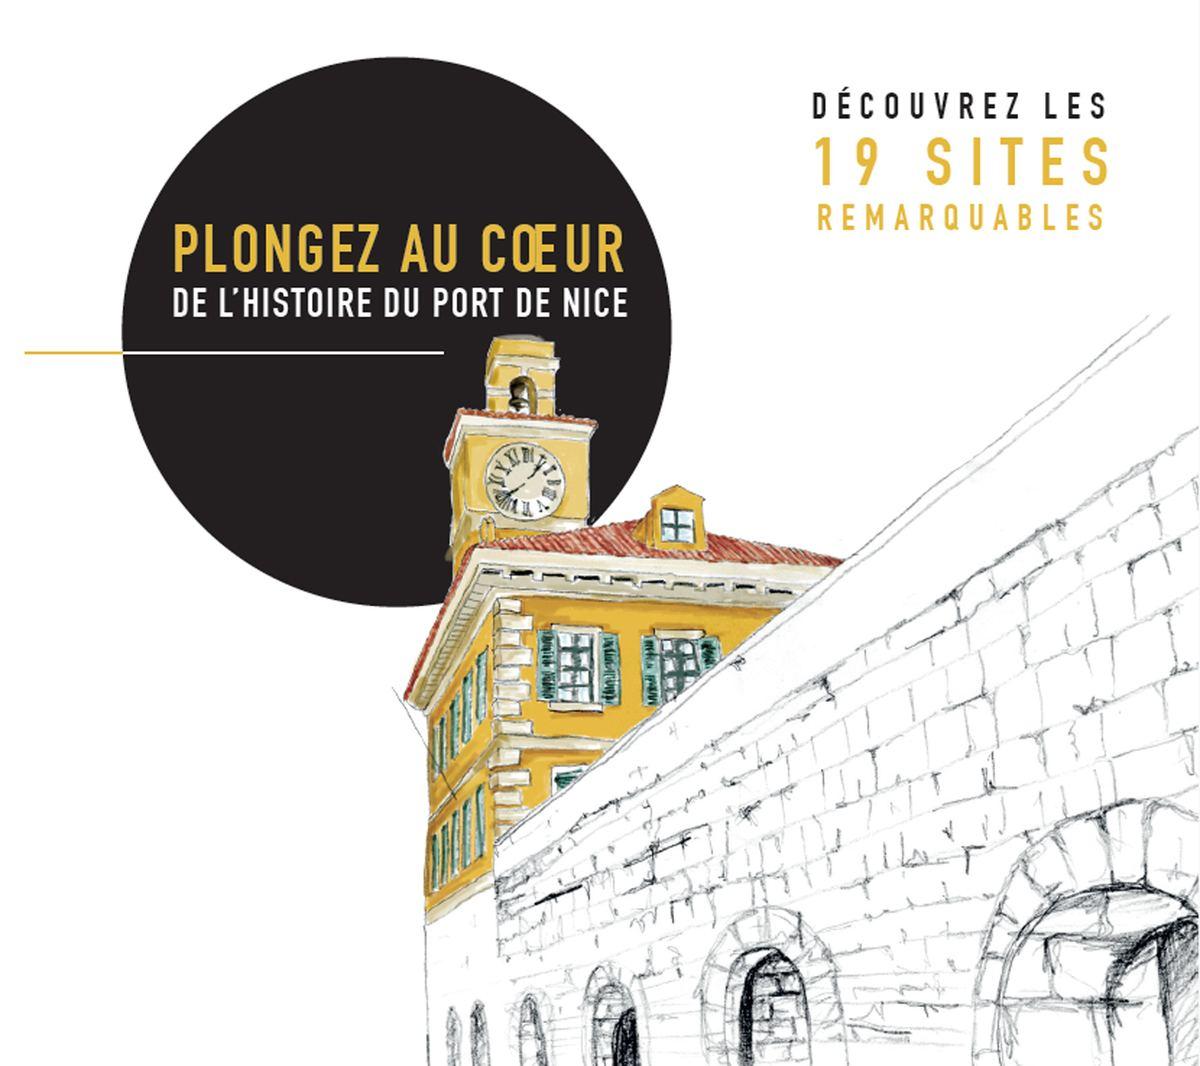 Plongez au coeur de l histoire du port de Nice - Département des  Alpes-Maritimes 900e5036f39d